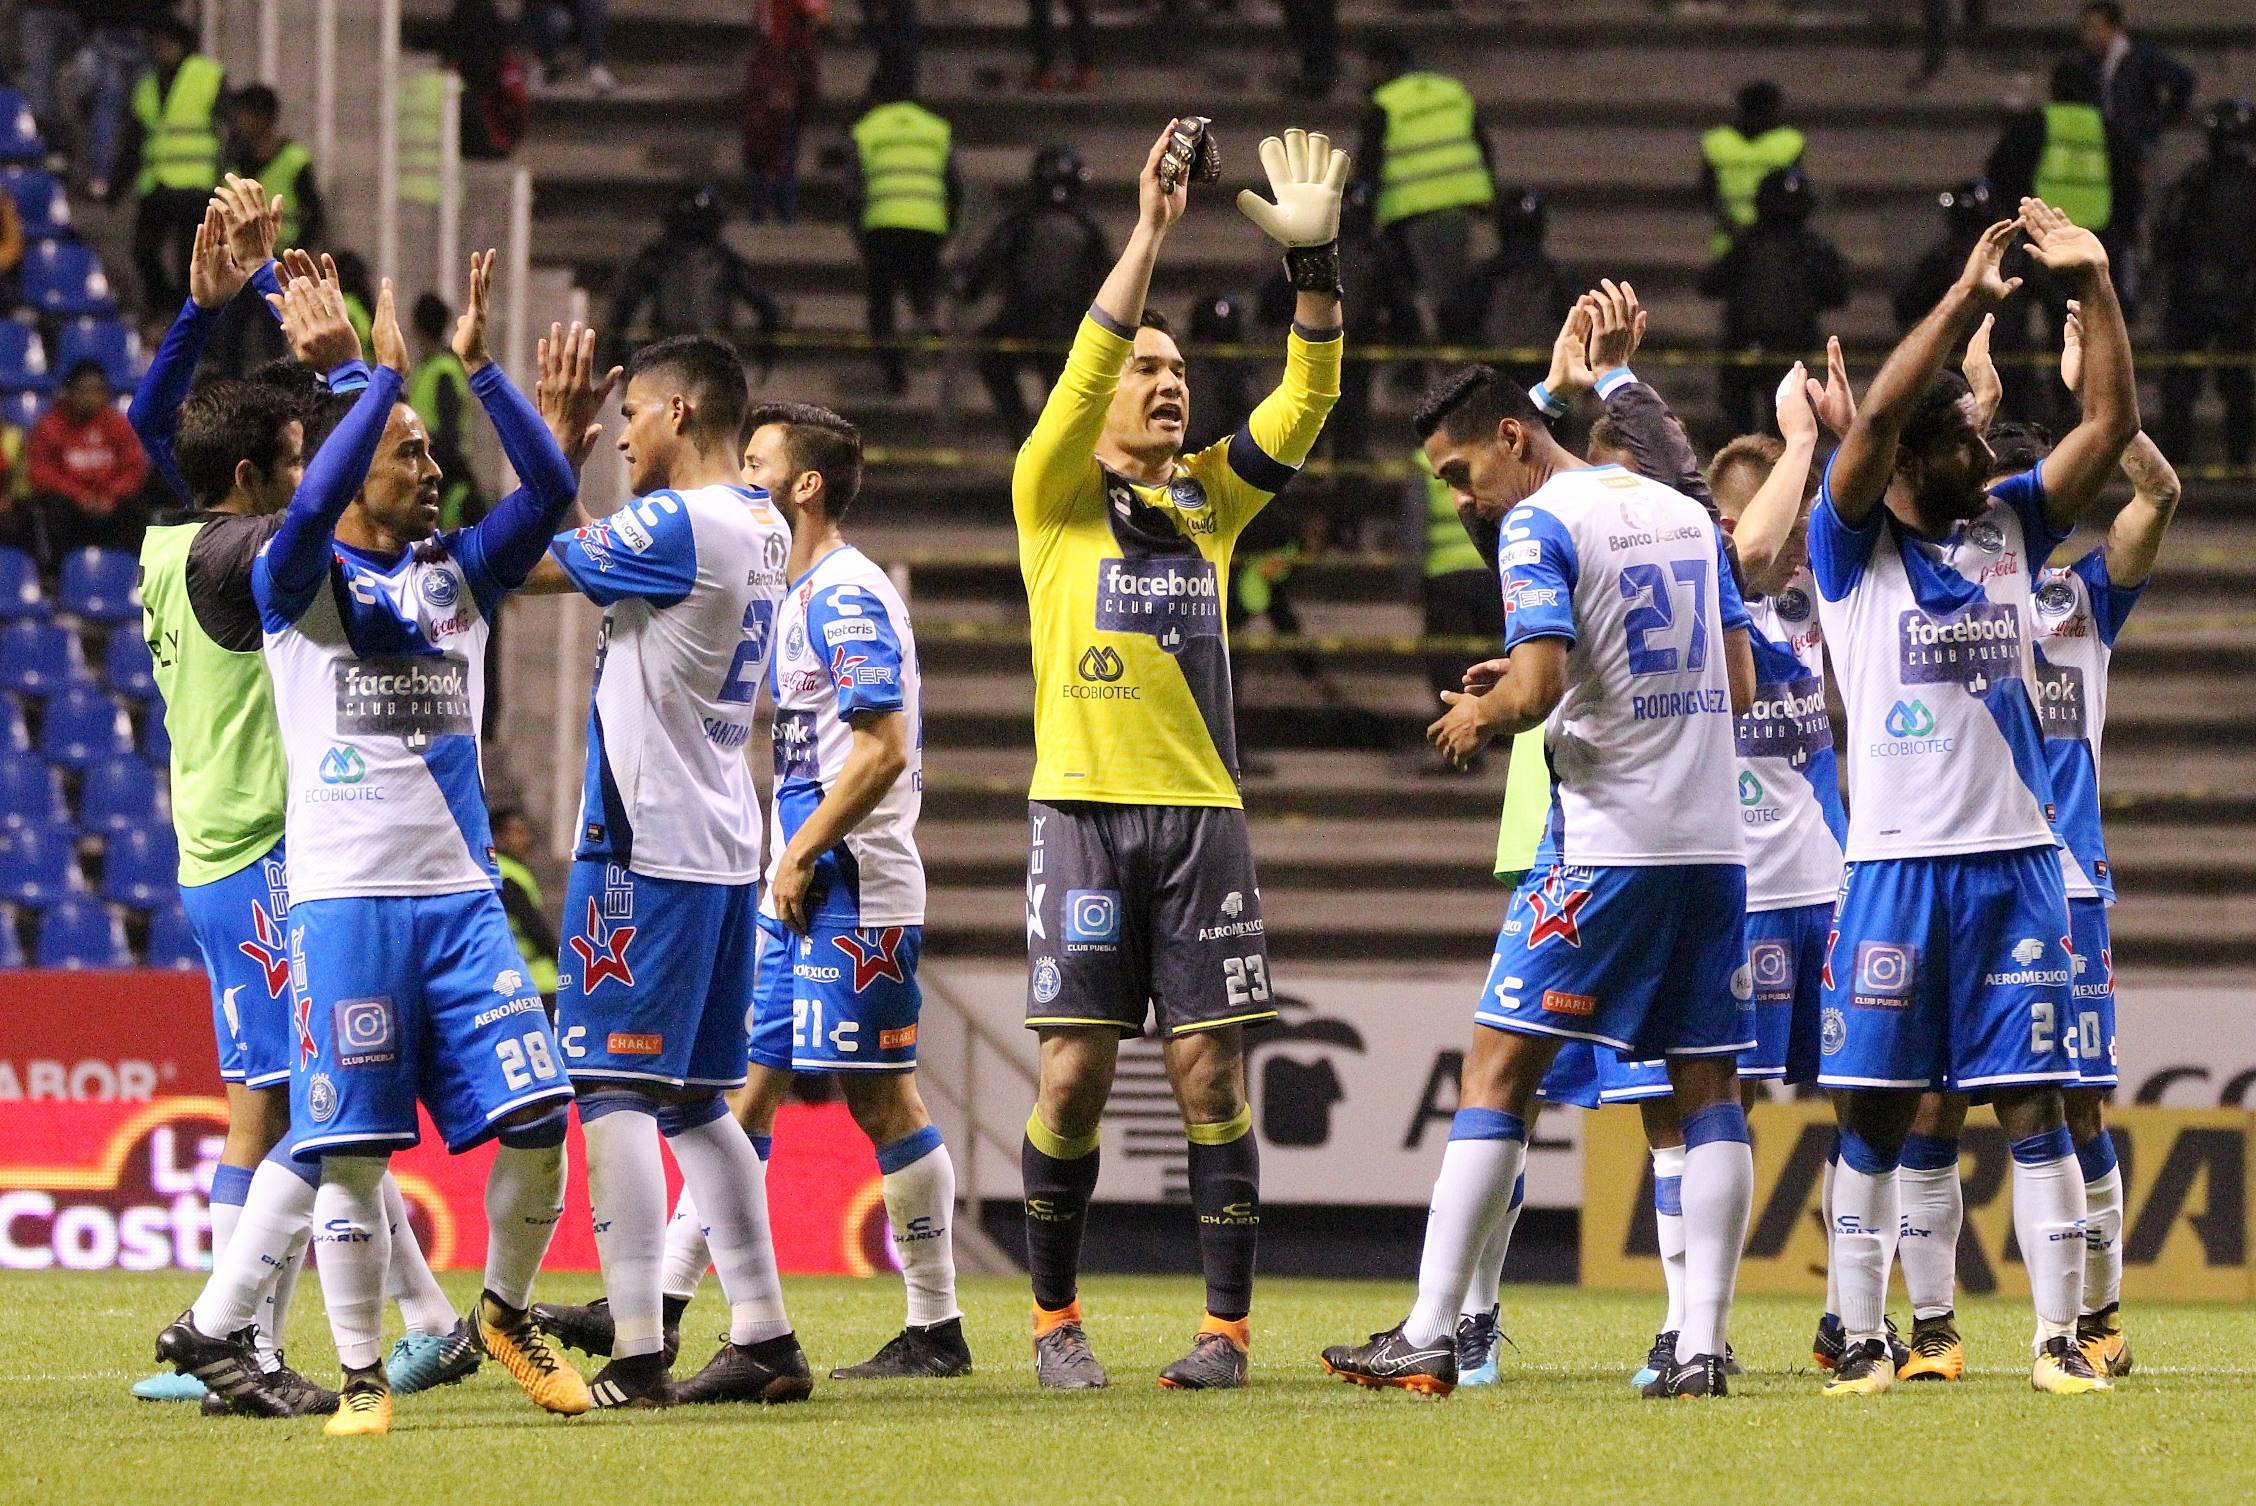 Puebla gana, pero al Ojitos no le convence el funcionamiento